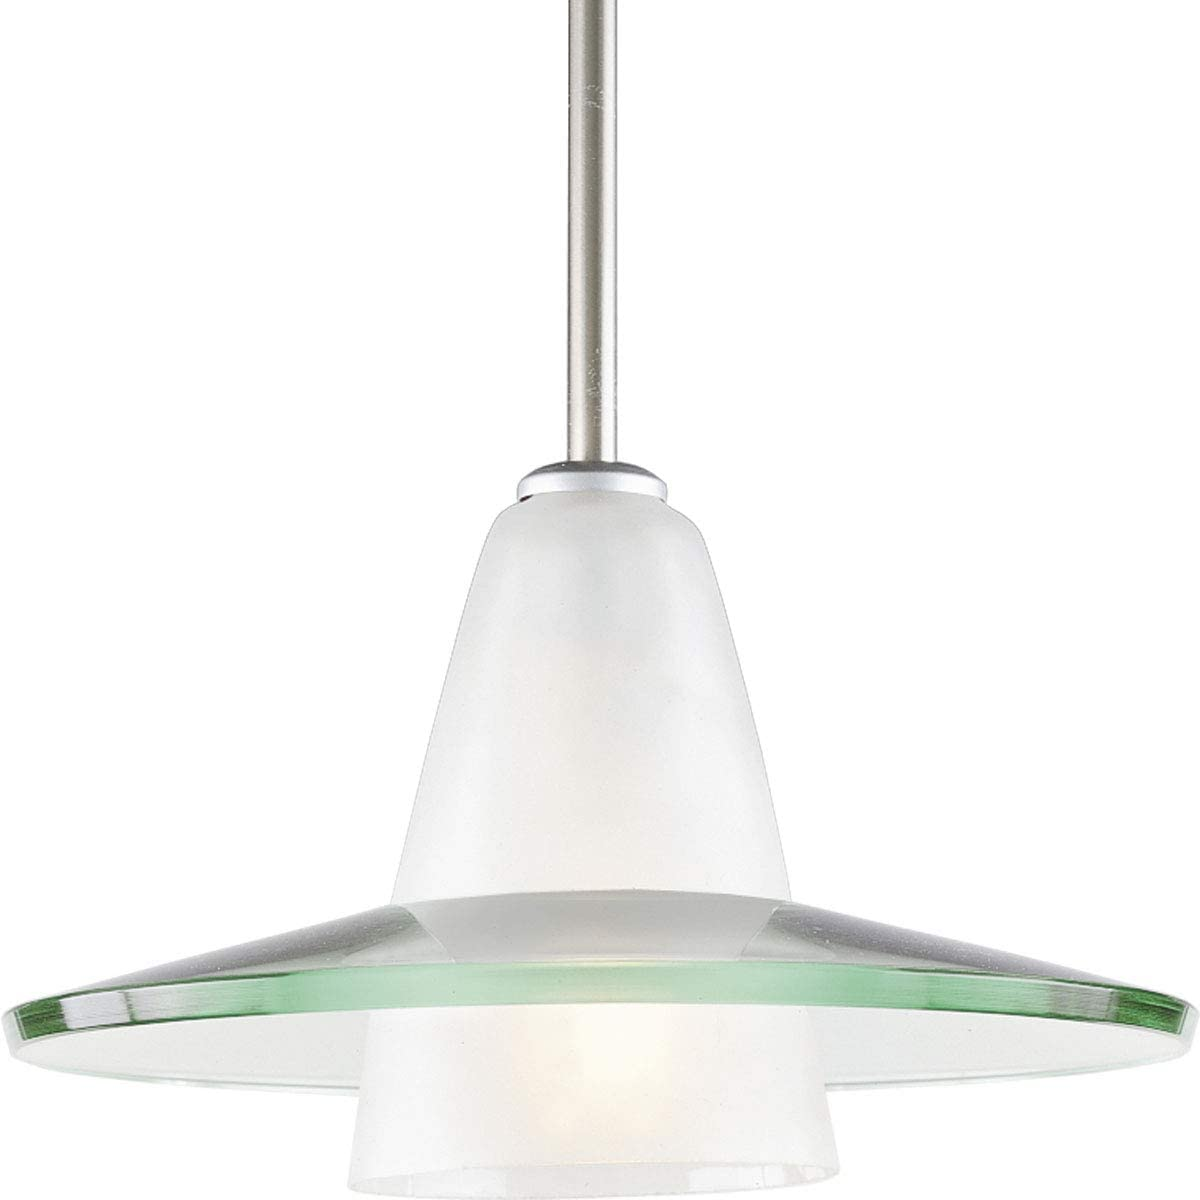 Progress Lighting P5011-09 Pendants, 12-Inch Diameter x 7-5 8-Inch Height, Nickel